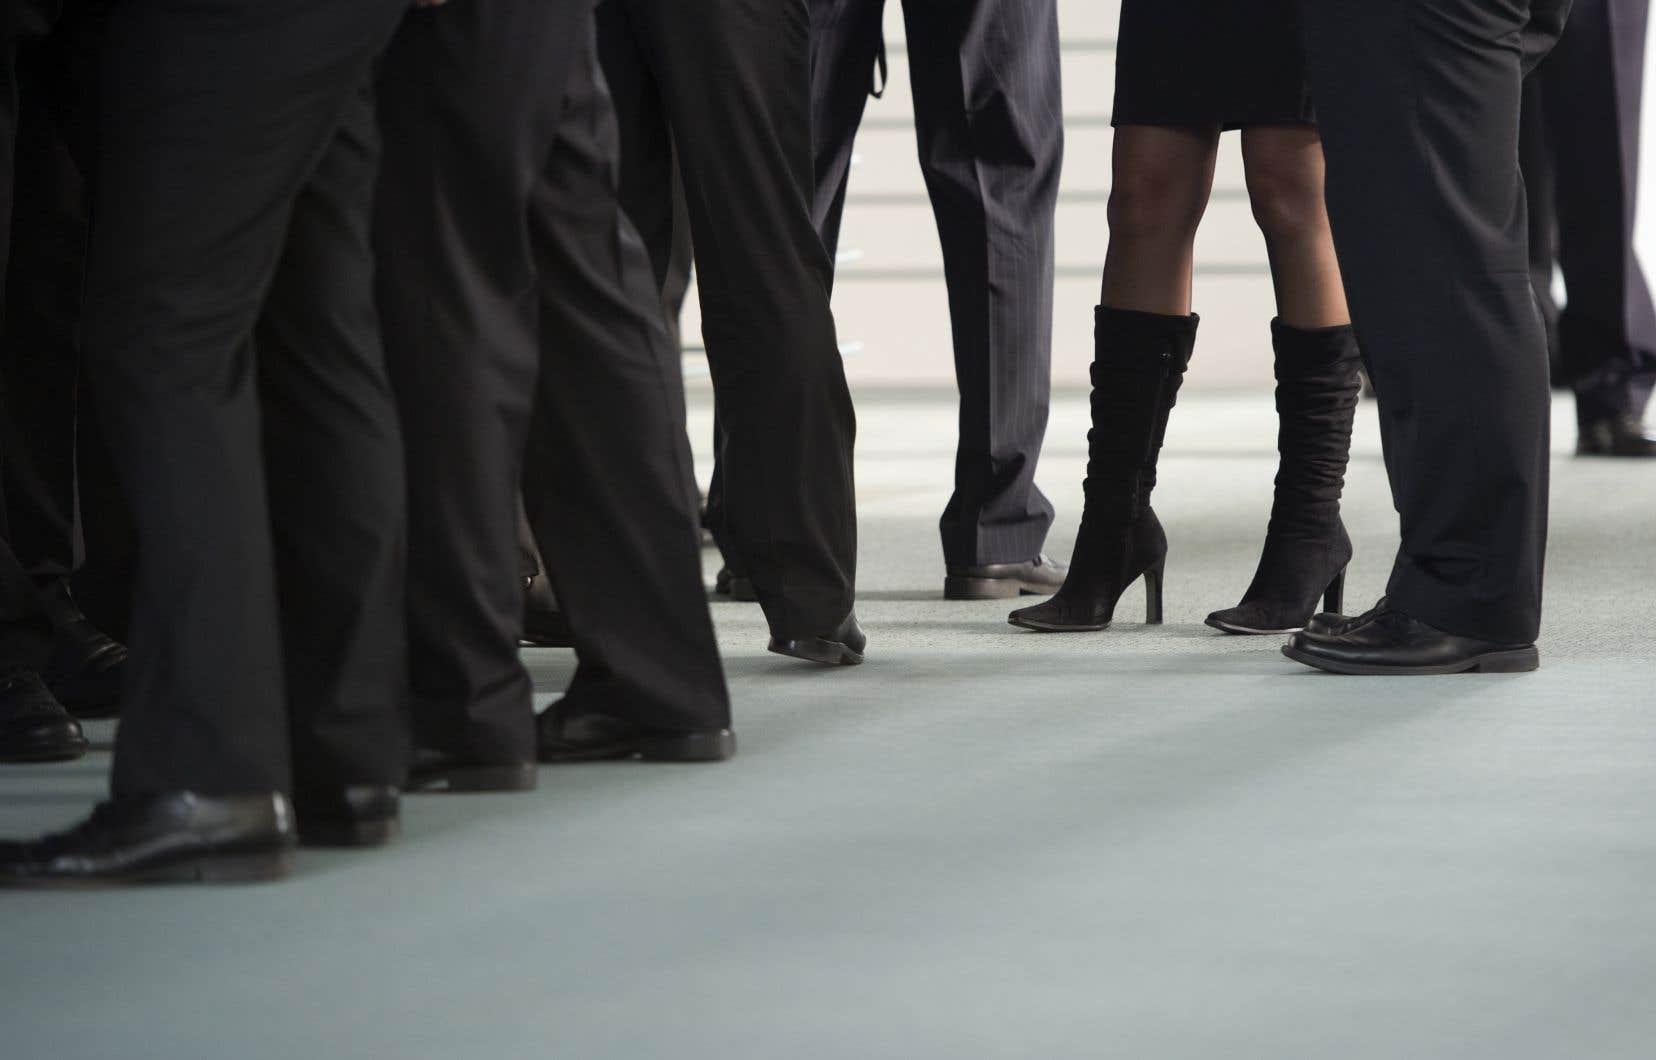 Les travailleuses dans la tranche supérieure de 1% sont plus jeunes et plus scolarisées que leurs homologues masculins.